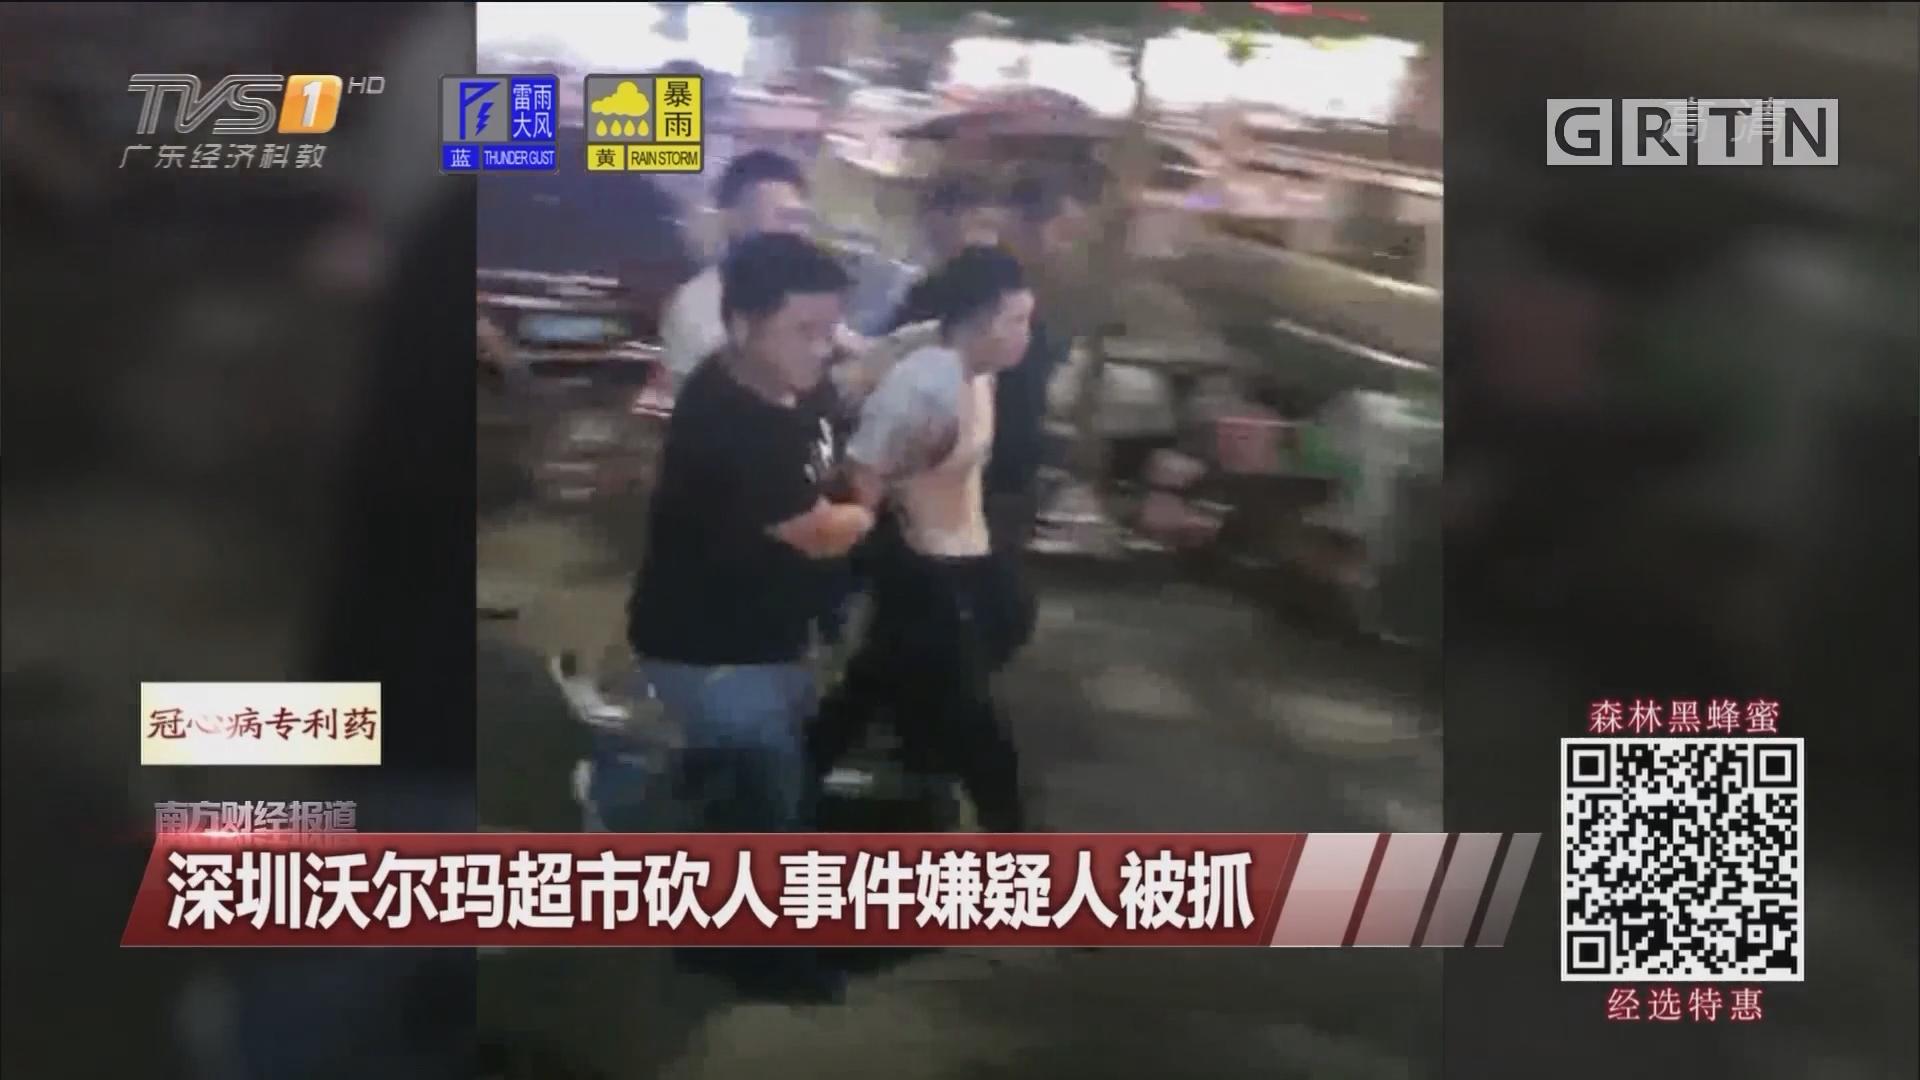 深圳沃尔玛超市砍人事件嫌疑人被抓